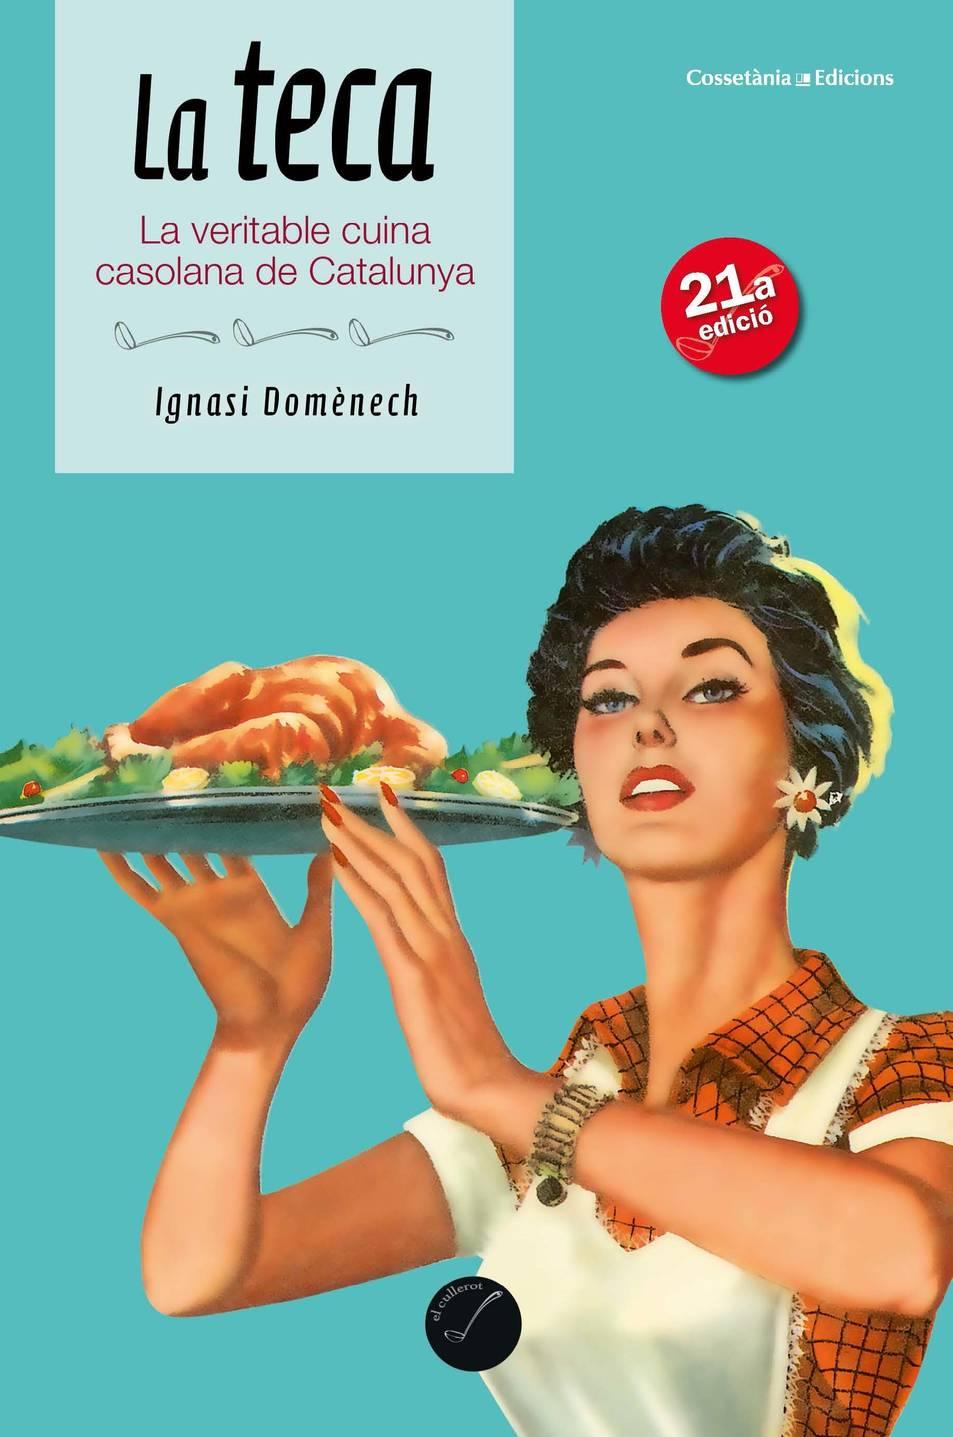 La coberta de la 21a edició del receptari de cuina catalana 'La Teca'.